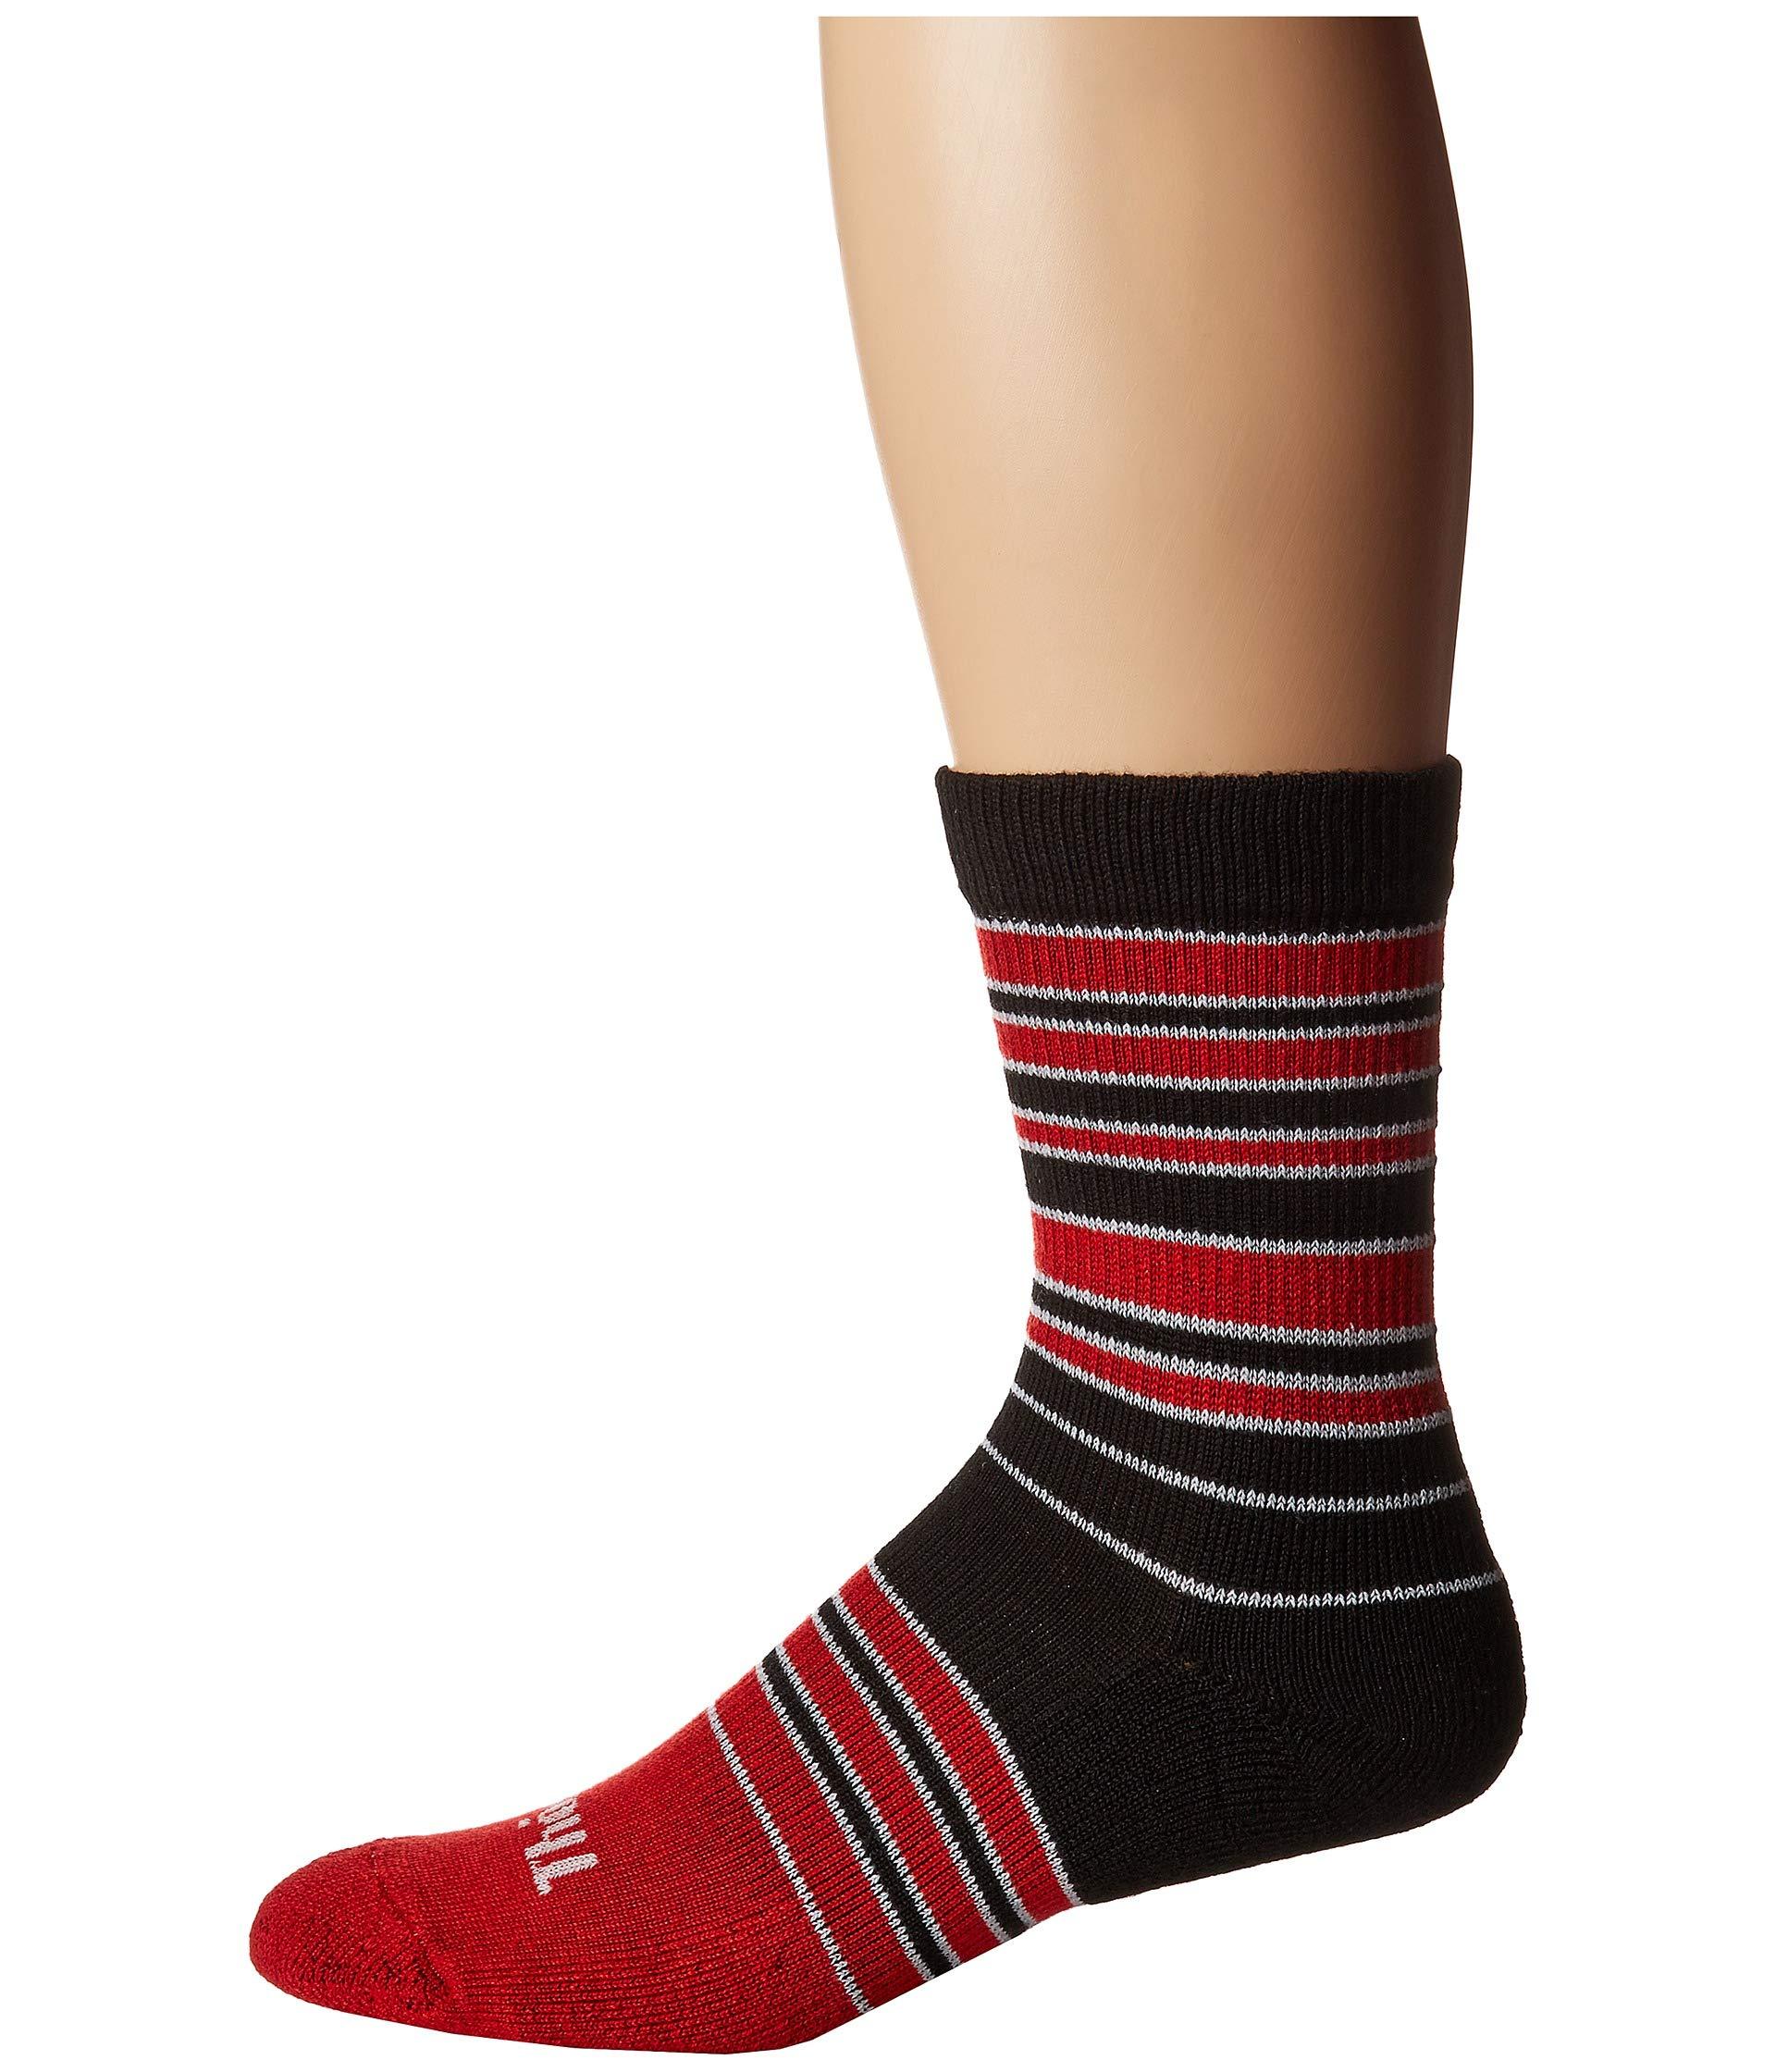 Thin Stripes Thorlo Thorlos Cushion Red black Single Pair Crew EzFqS5w